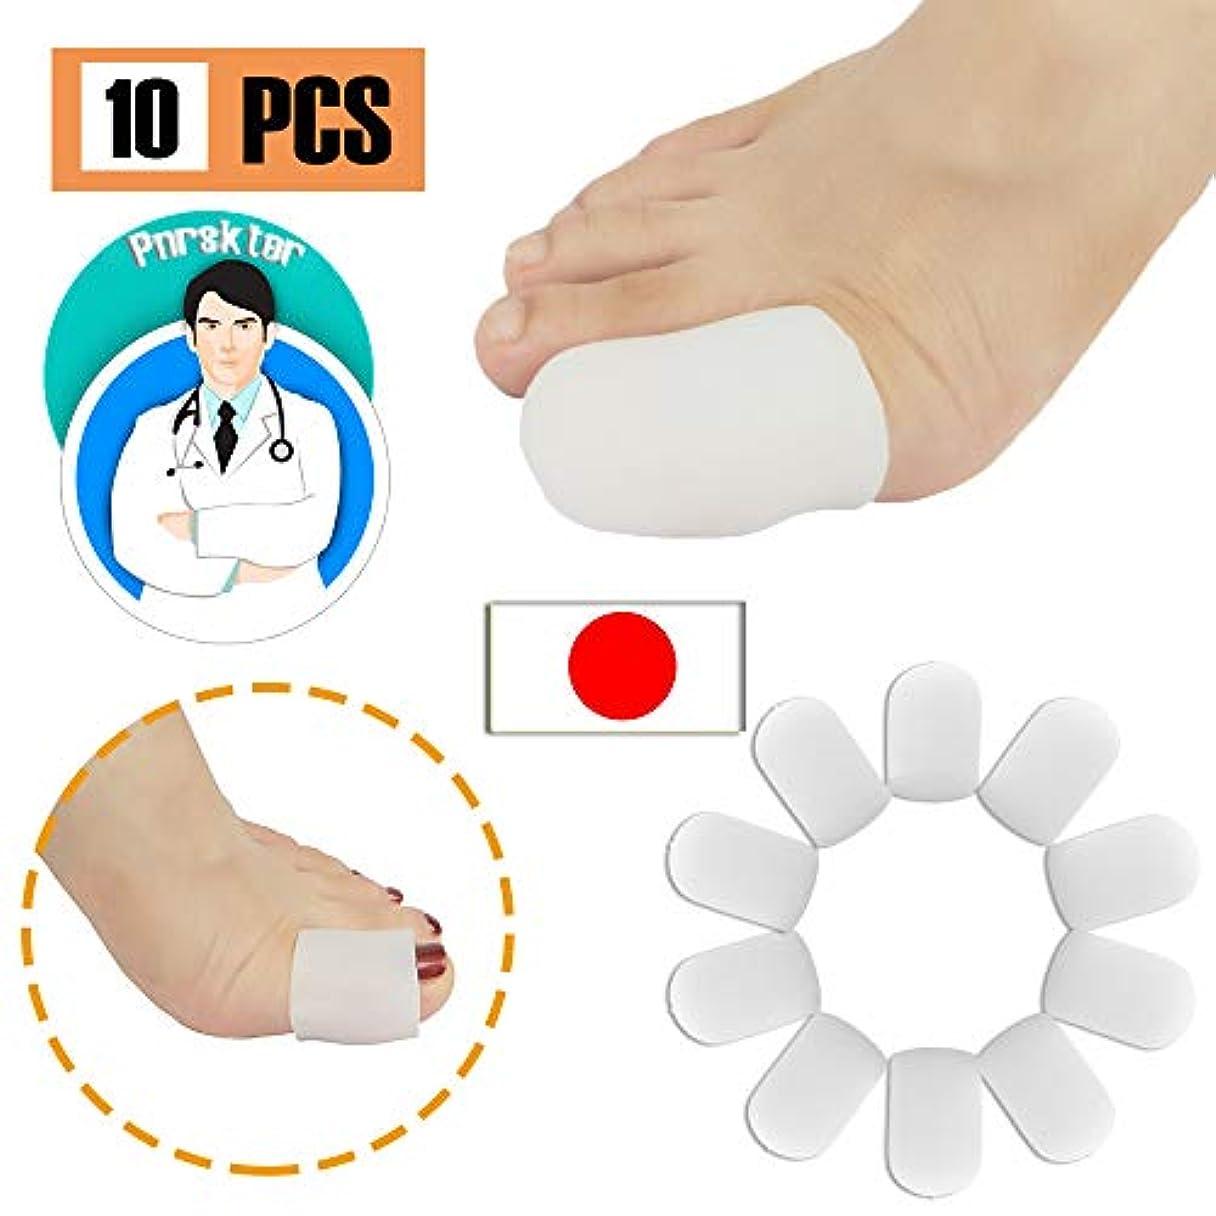 びっくりカレンダーズームジェル 足指 足の親指 キャップ プロテクター スリーブ 新素材 水疱 ハンマートゥ 陥入爪 爪損傷 摩擦疼痛などの緩和 (足の親指用)(10個入り)